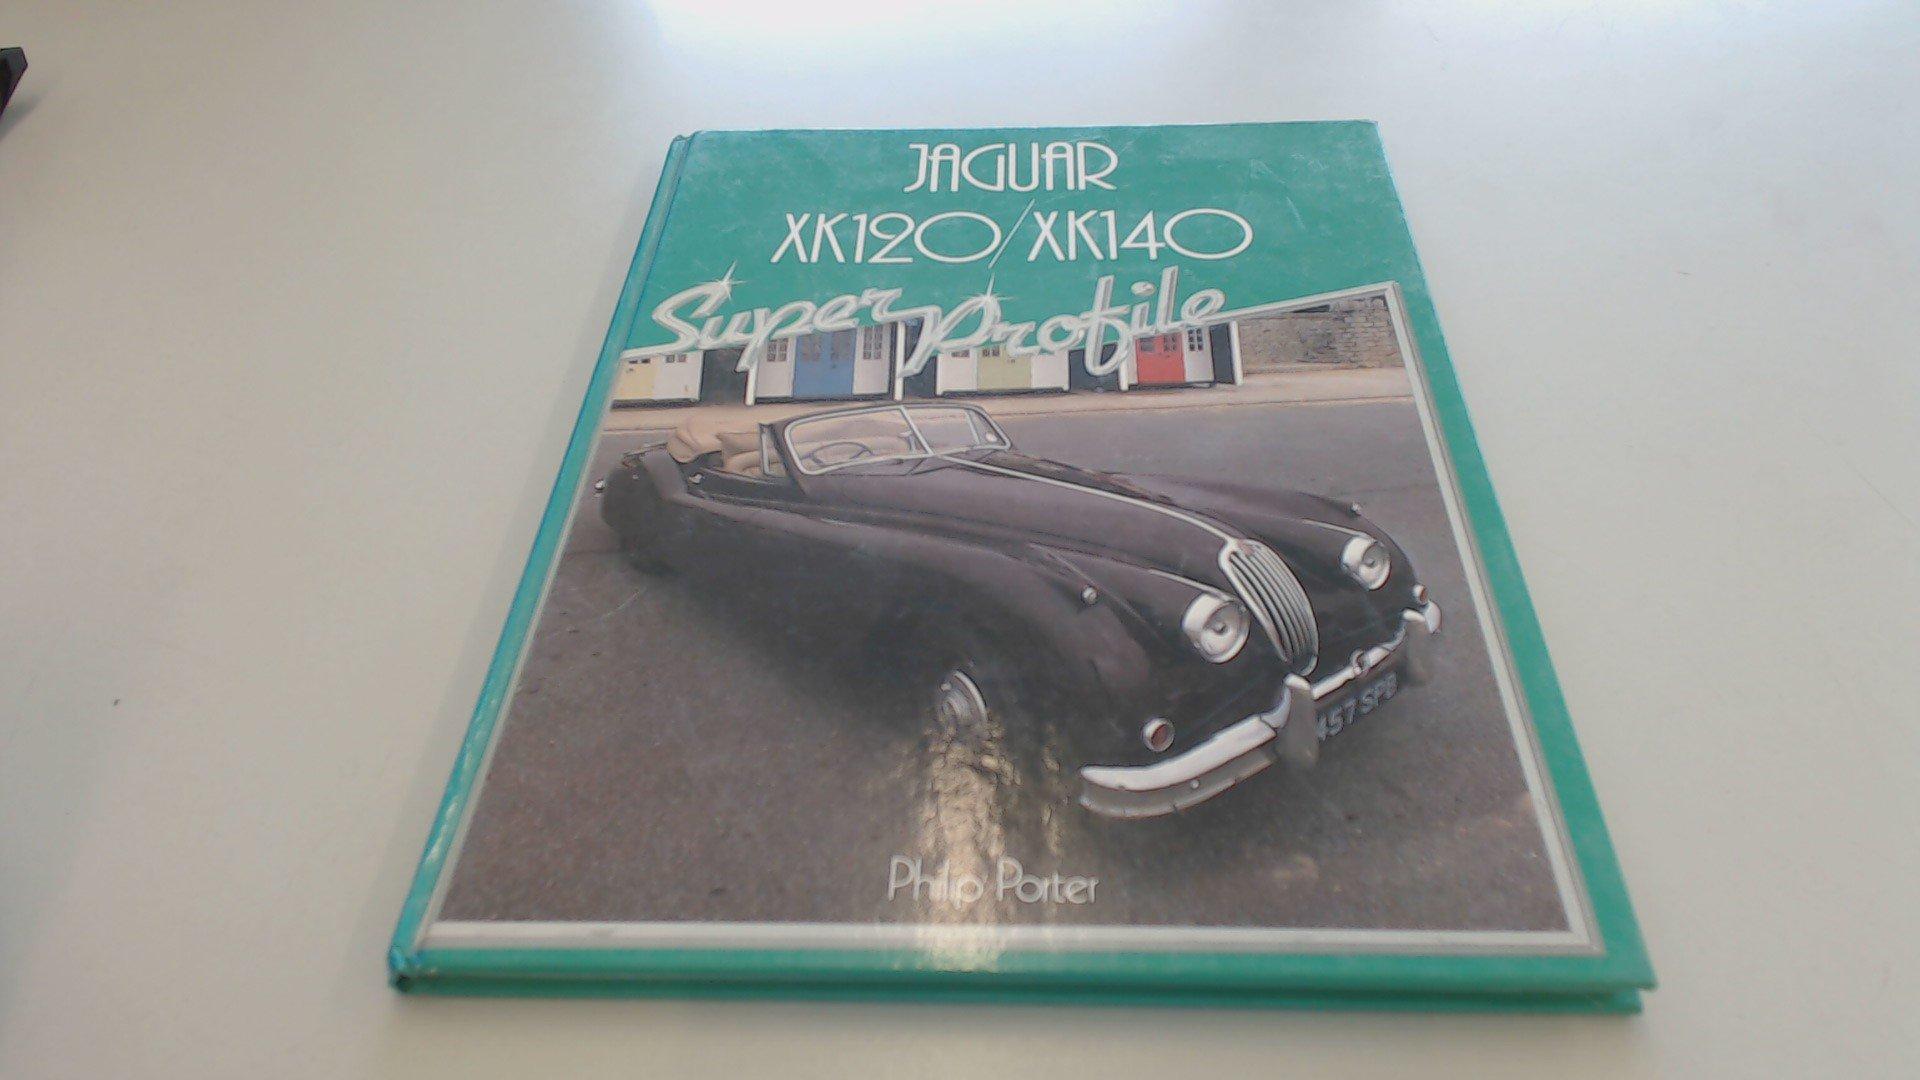 Jaguar XK120/140 (Super Profile)